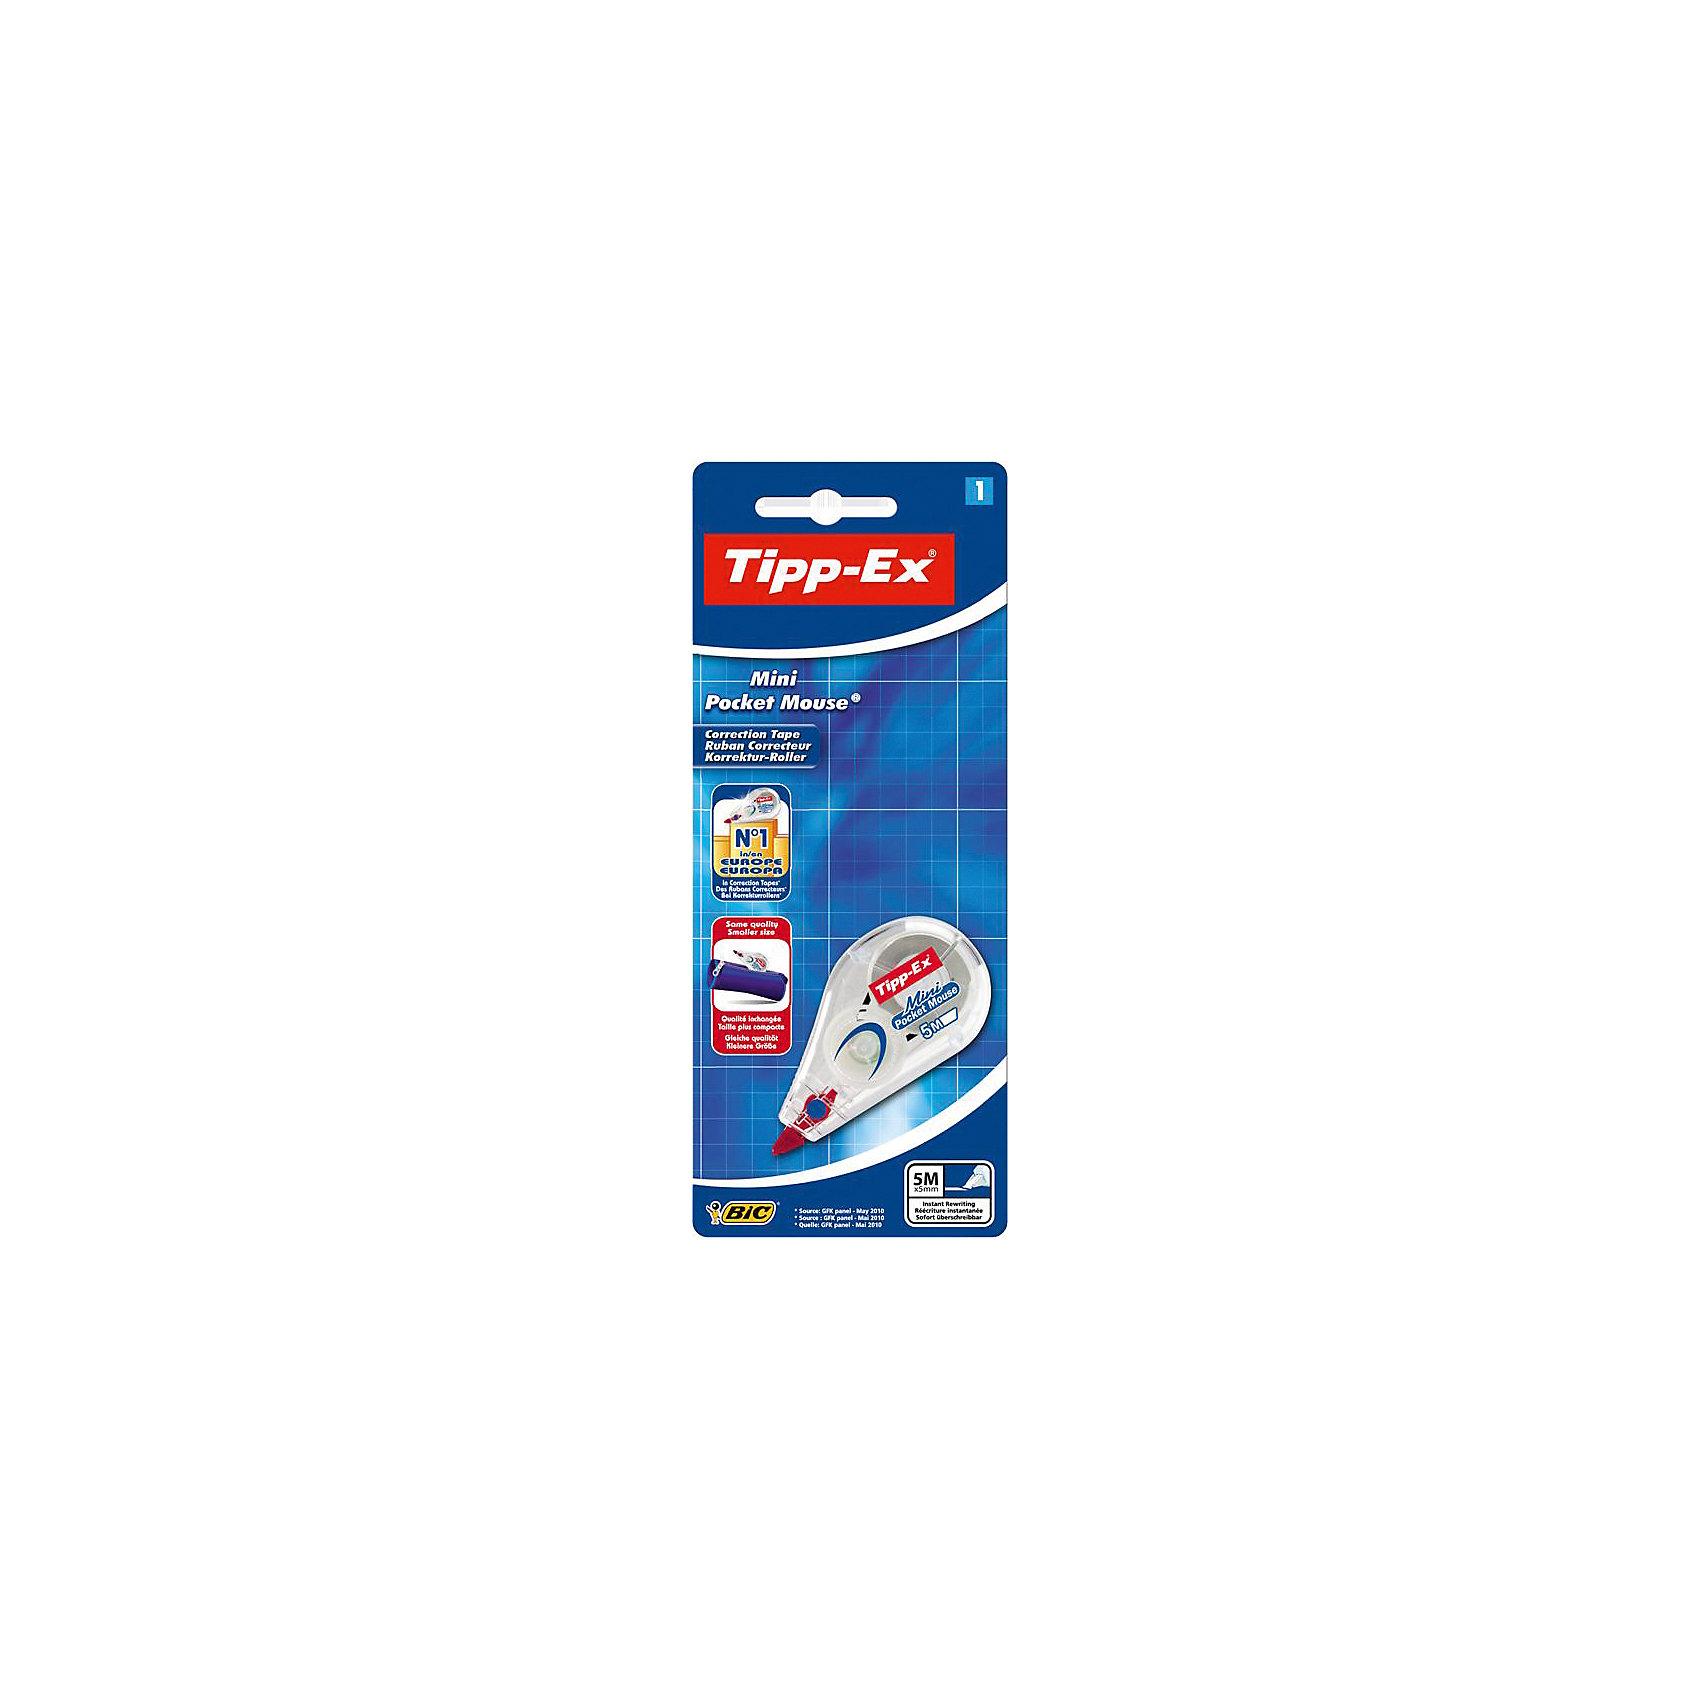 Корректирующая лента Bic Tipp-Ex Mini Pocket Mouse, 5 мШкольные аксессуары<br>Характеристики:<br><br>• возраст: от 5 лет<br>• ширина ленты: 5 мм.<br>• длина ленты: 5 м.<br>• материал корпуса: пластик<br>• упаковка: блистер<br>• размер упаковки: 20х8х3 см.<br><br>Корректирующая лента Bic «Tipp-Ex Mini Pocket Mouse» - ультракомпактная корректура нервущейся лентой на основе пластика. Корректирующая лента Tipp-ex Mini Pocket Mouse мгновенно и аккуратно корректирует любой тип письма, обеспечивает высокую степень покрытия. Не требует высыхания – позволяет сразу писать по исправленному.  Удобный прозрачный корпус: видимый уровень запаса ленты. Практичный маленький размер.<br><br>BIC Корректирующую ленту Tipp-Ex Mini Pocket Mouse, 5 м. х 5 мм, блистер можно купить в нашем интернет-магазине.<br><br>Ширина мм: 19<br>Глубина мм: 80<br>Высота мм: 197<br>Вес г: 20<br>Возраст от месяцев: 60<br>Возраст до месяцев: 2147483647<br>Пол: Унисекс<br>Возраст: Детский<br>SKU: 7065344